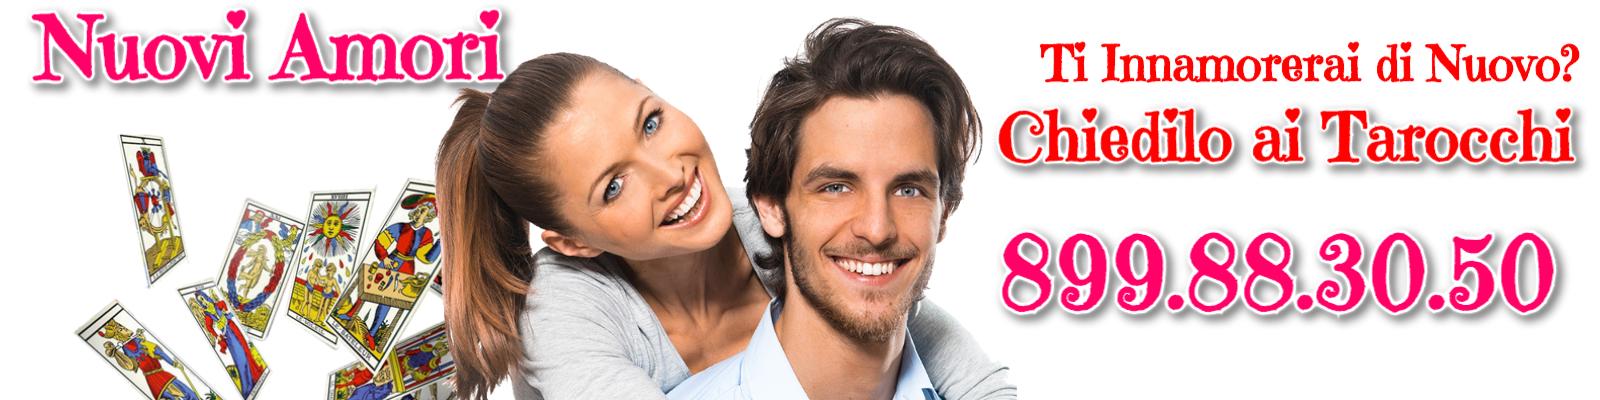 cartomanti esperti in amore basso costo promozione